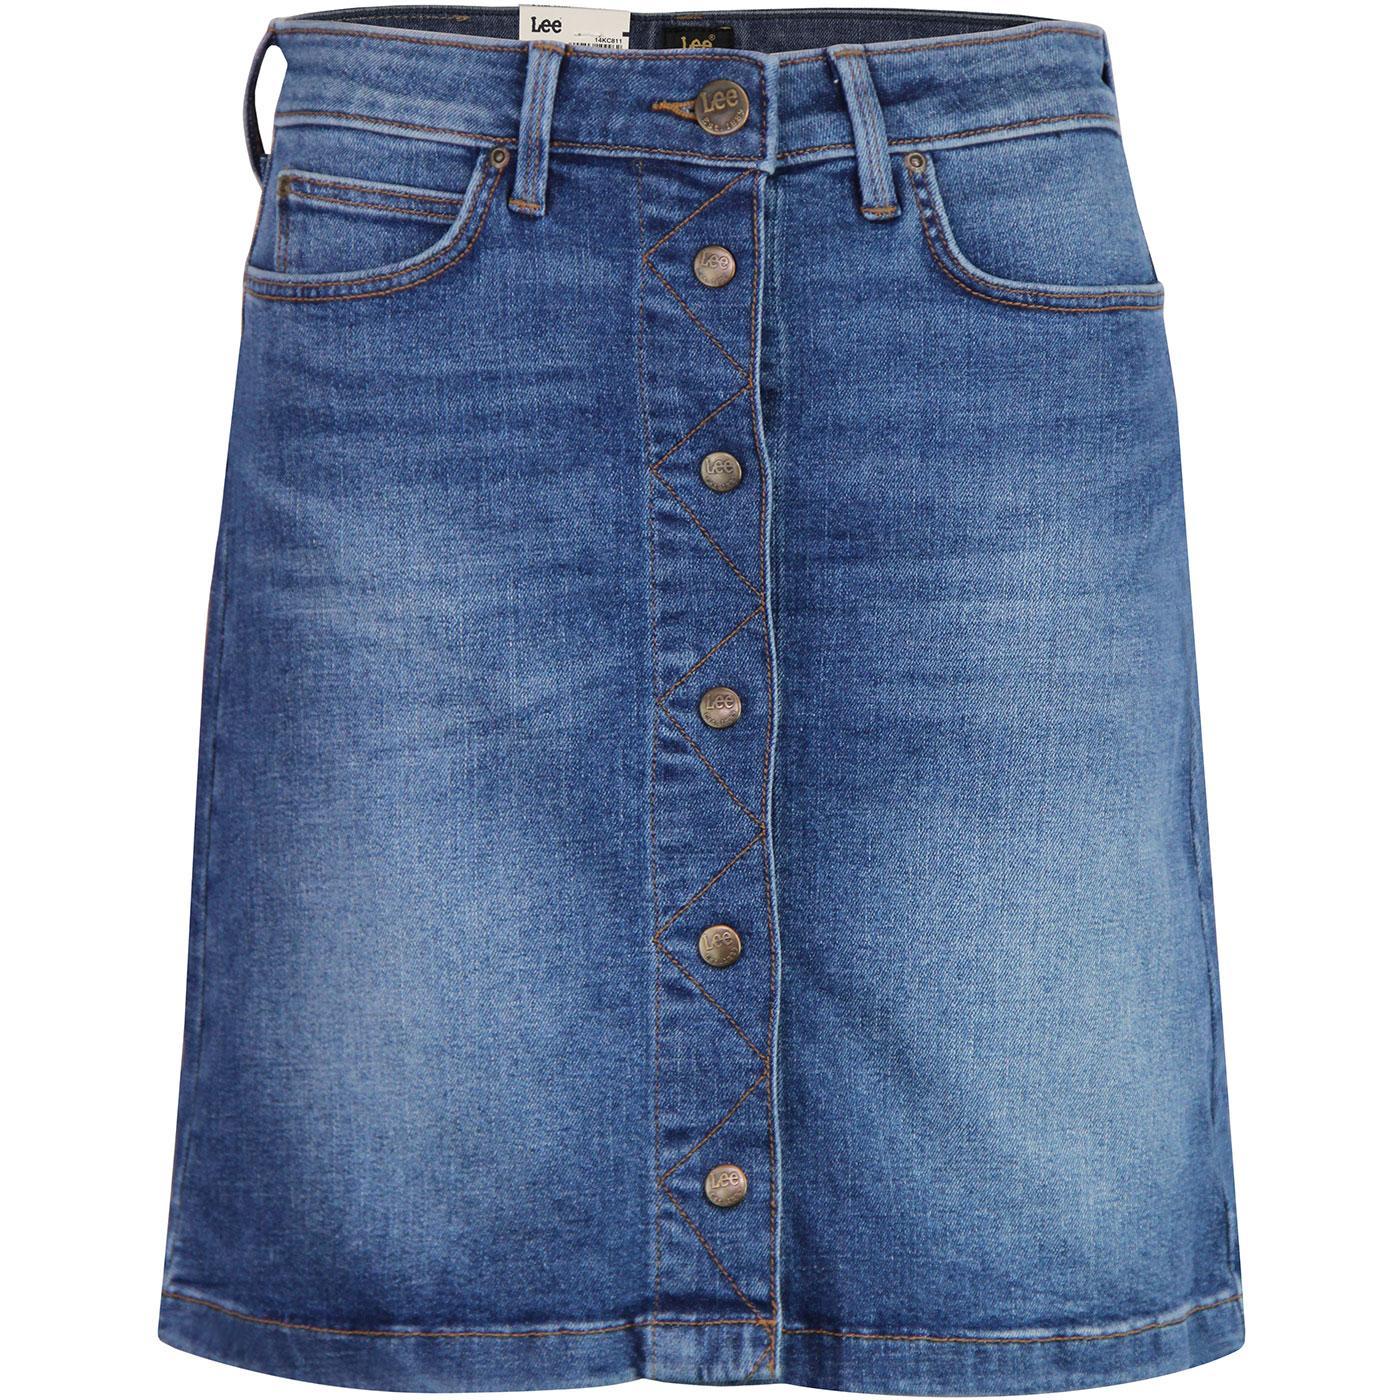 LEE JEANS Retro Button Front A-Line Denim Skirt